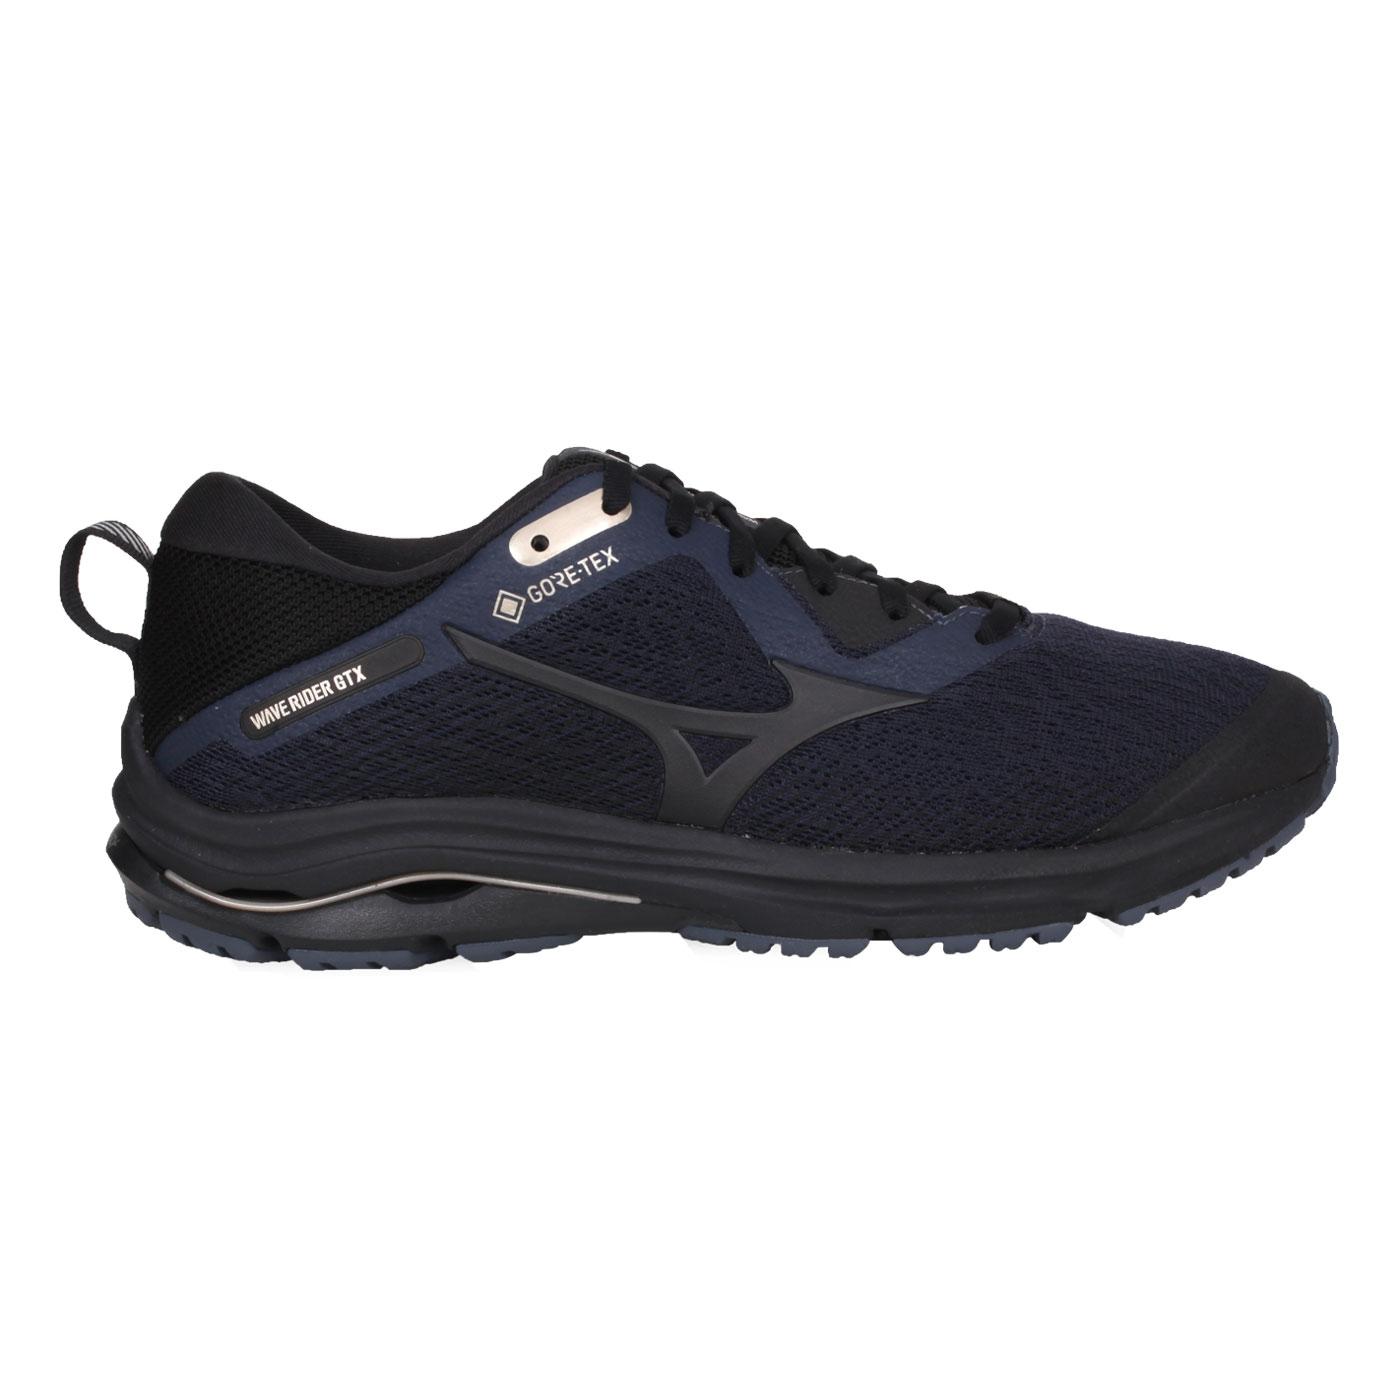 MIZUNO 男款慢跑鞋  @WAVE RIDER GTX@J1GC207910